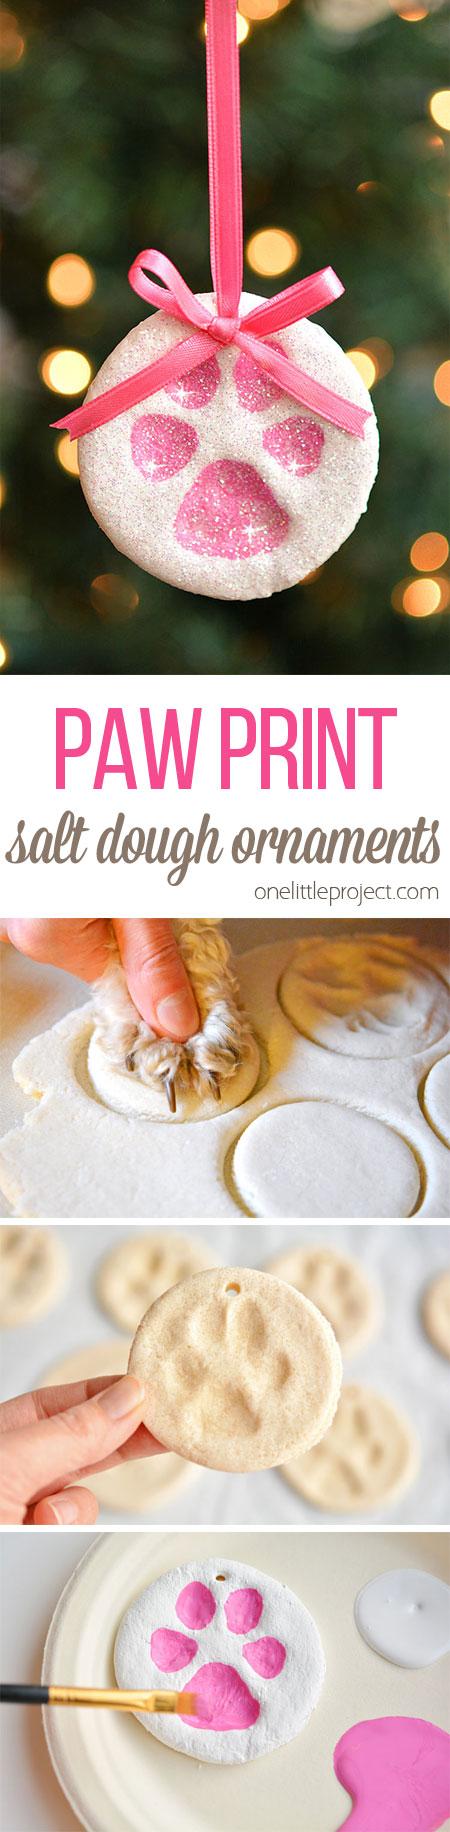 paw print salt dough ornaments one little project